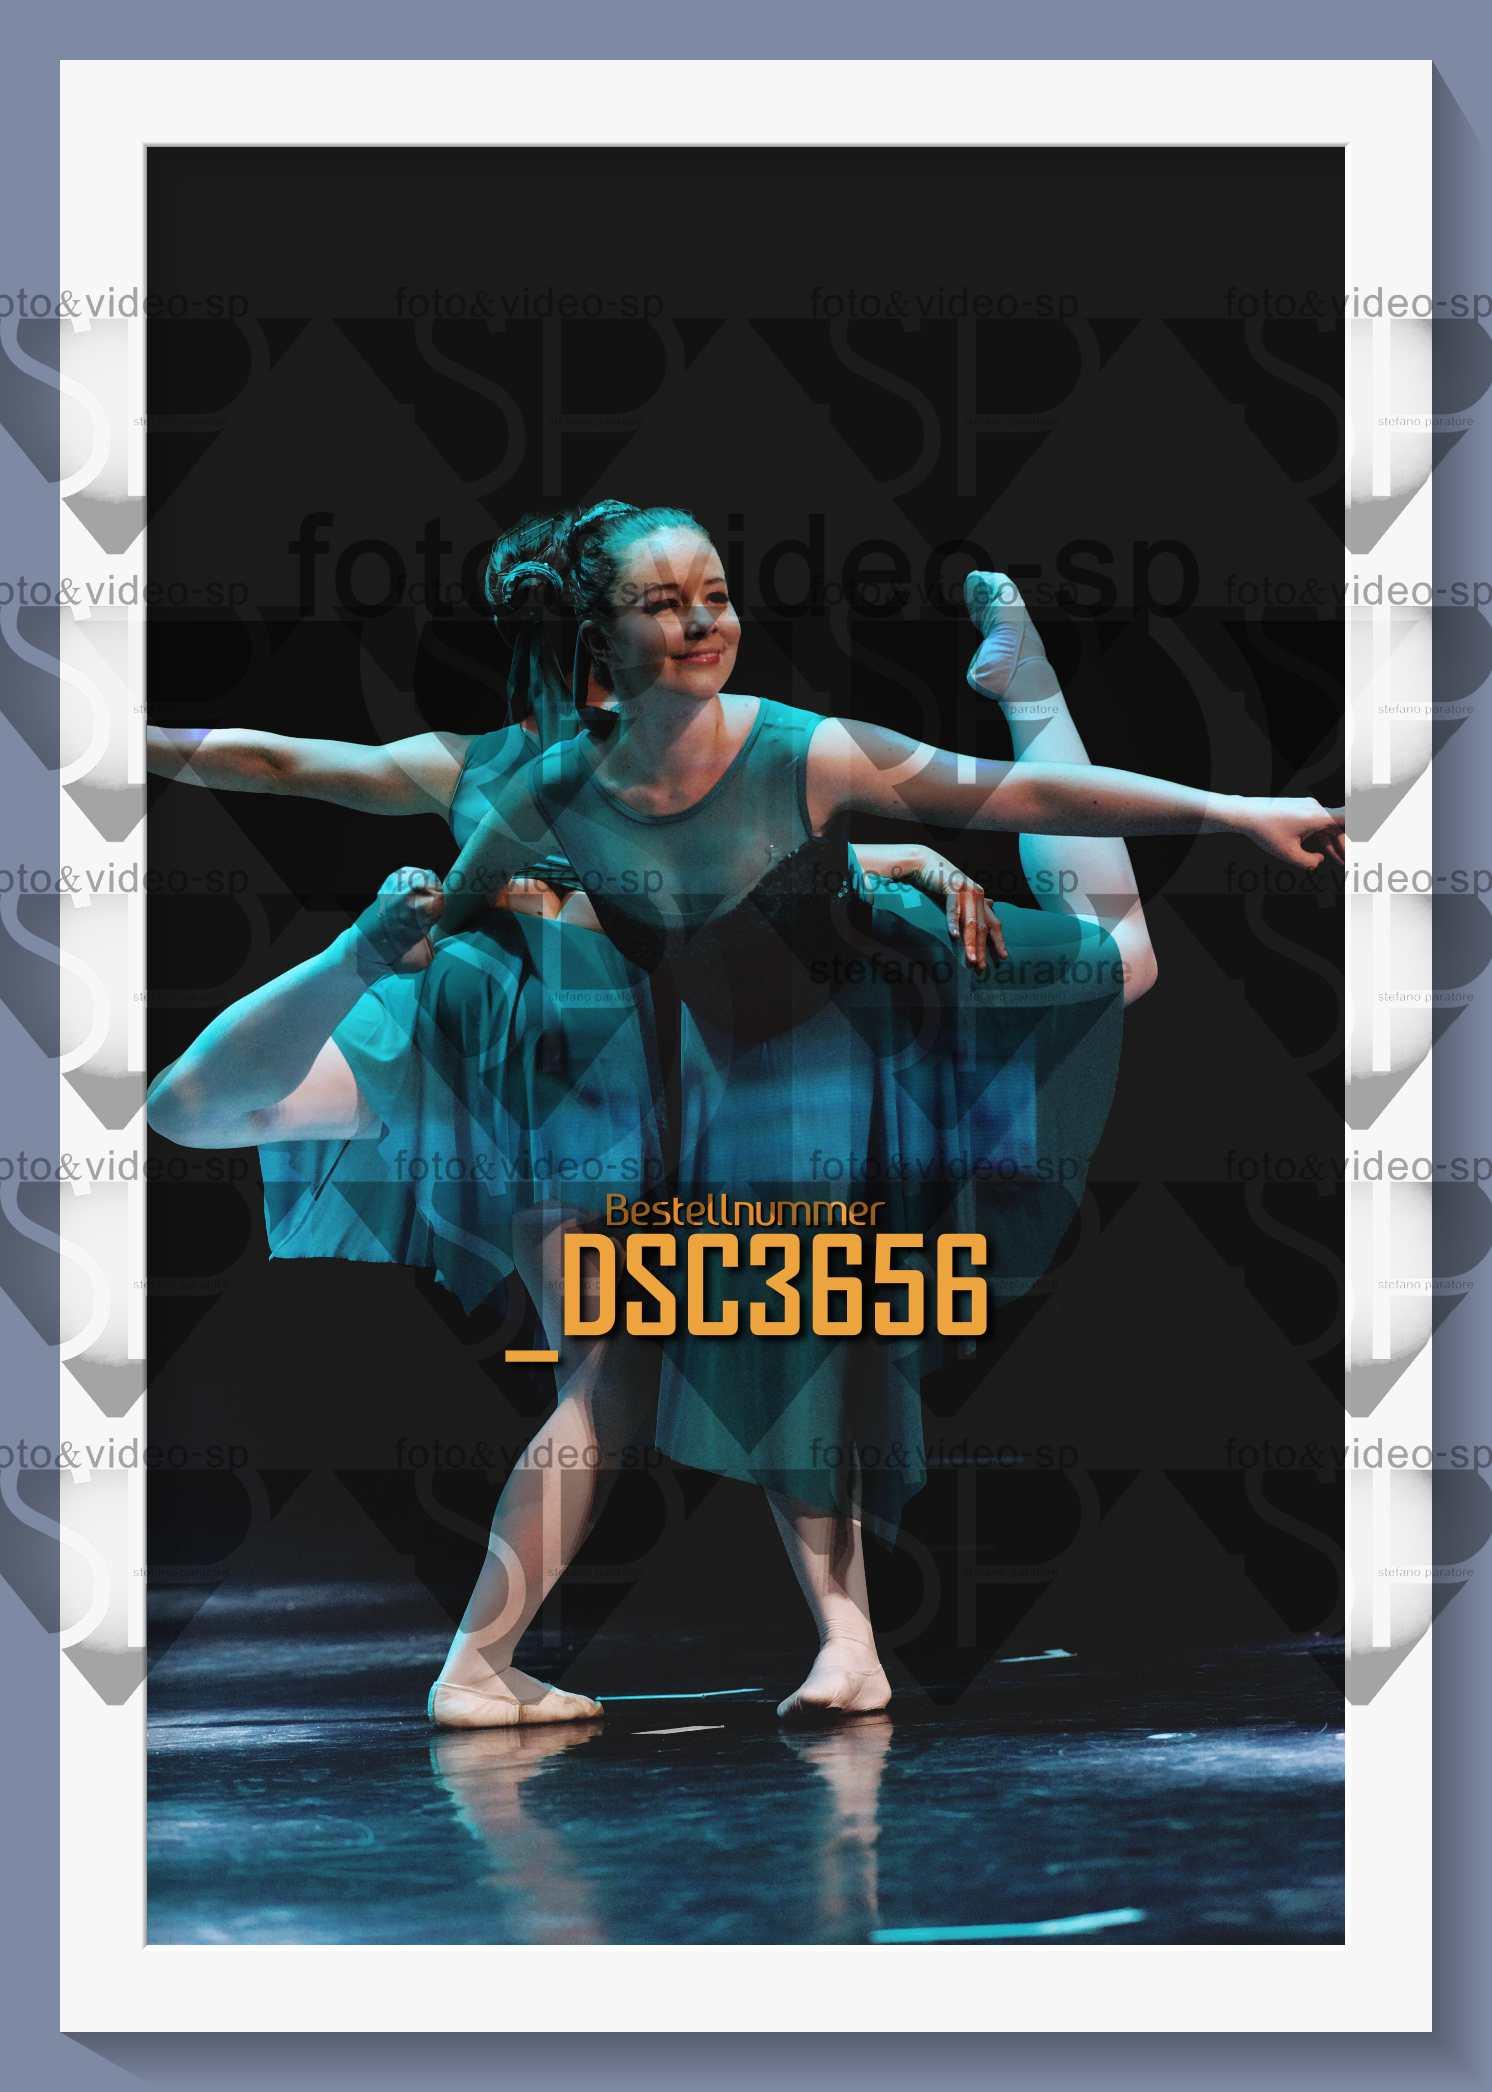 DSC3656